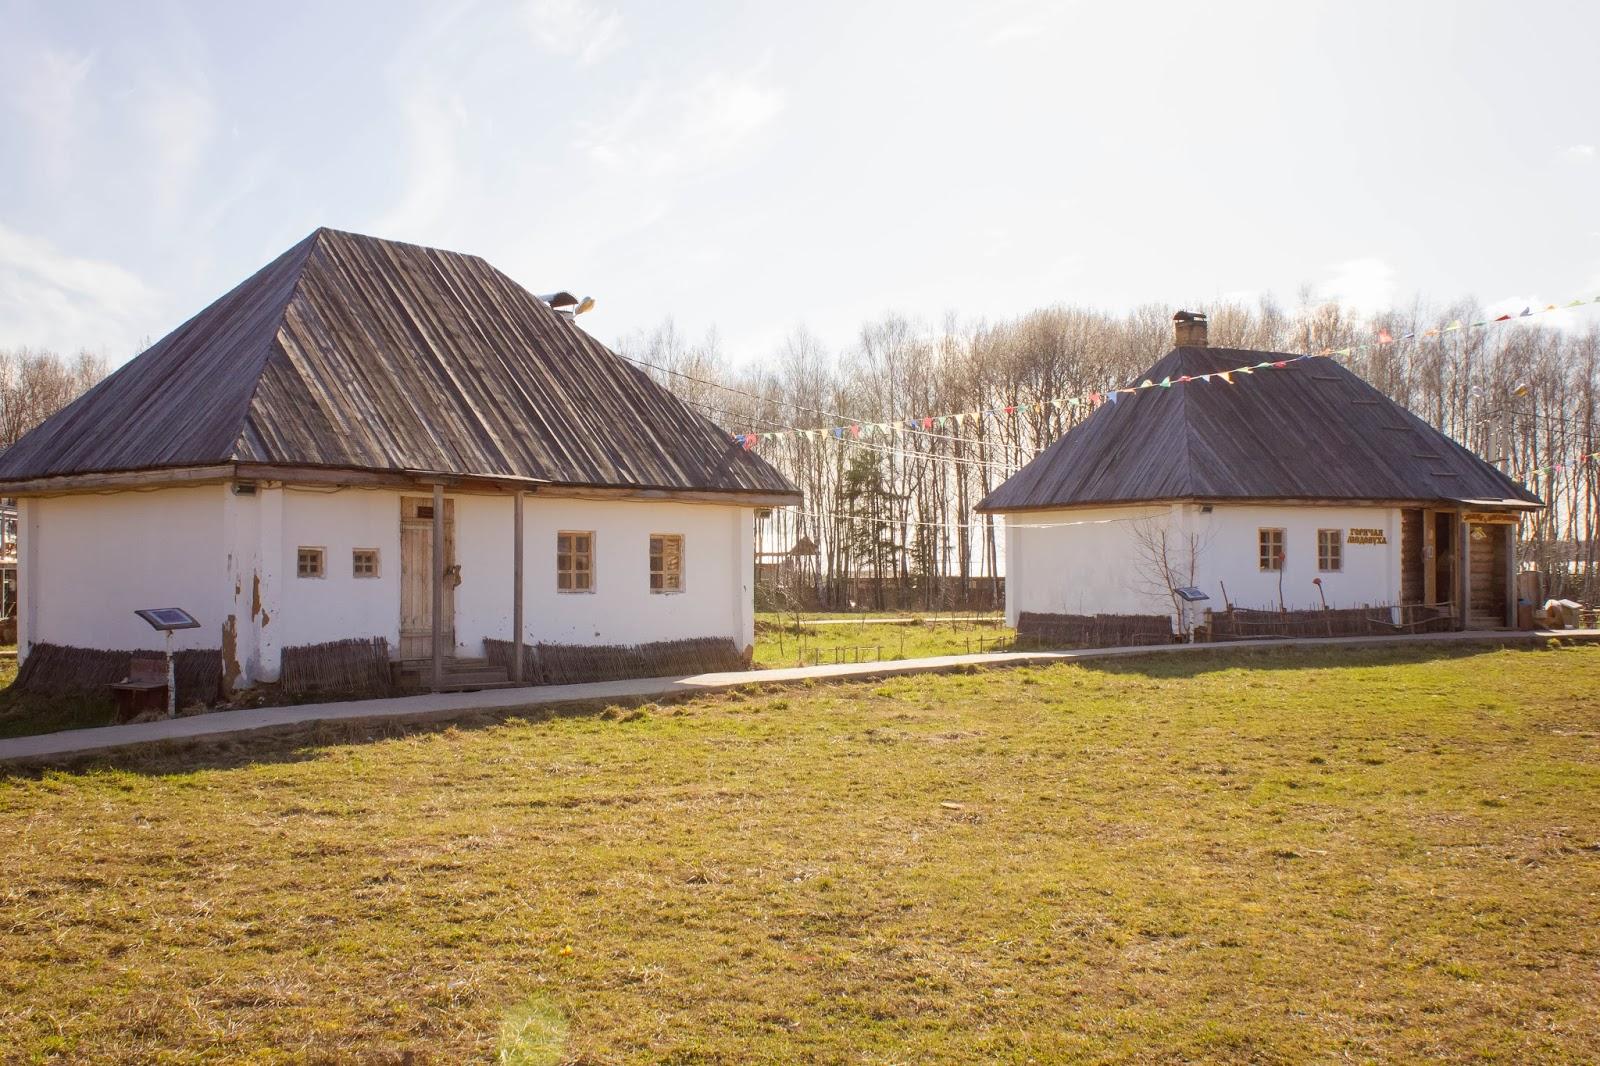 Калуга, Калужская область, Этномир, Русское подворье